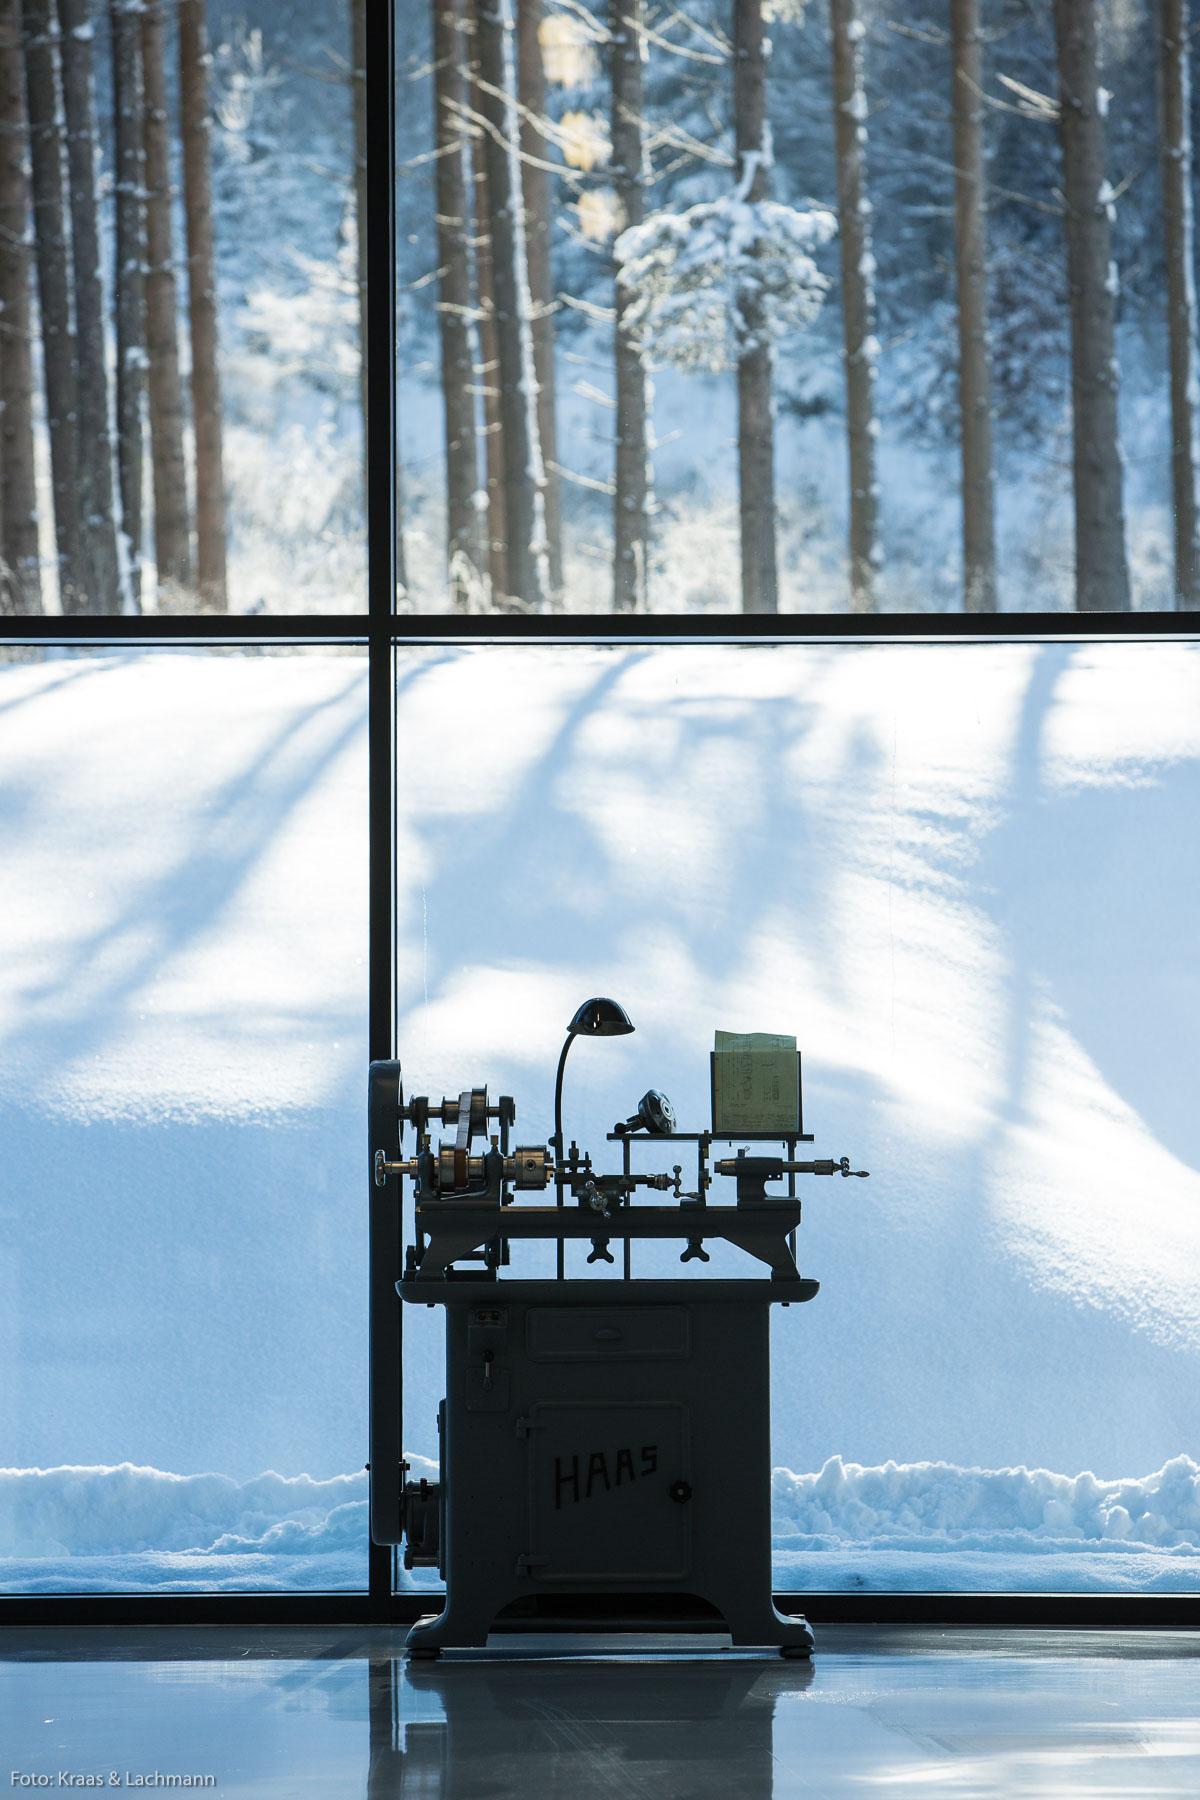 Schönheit liegt im Auge des Betrachters, auch die einer Drehmaschine. Foto: Kraas & Lachmann